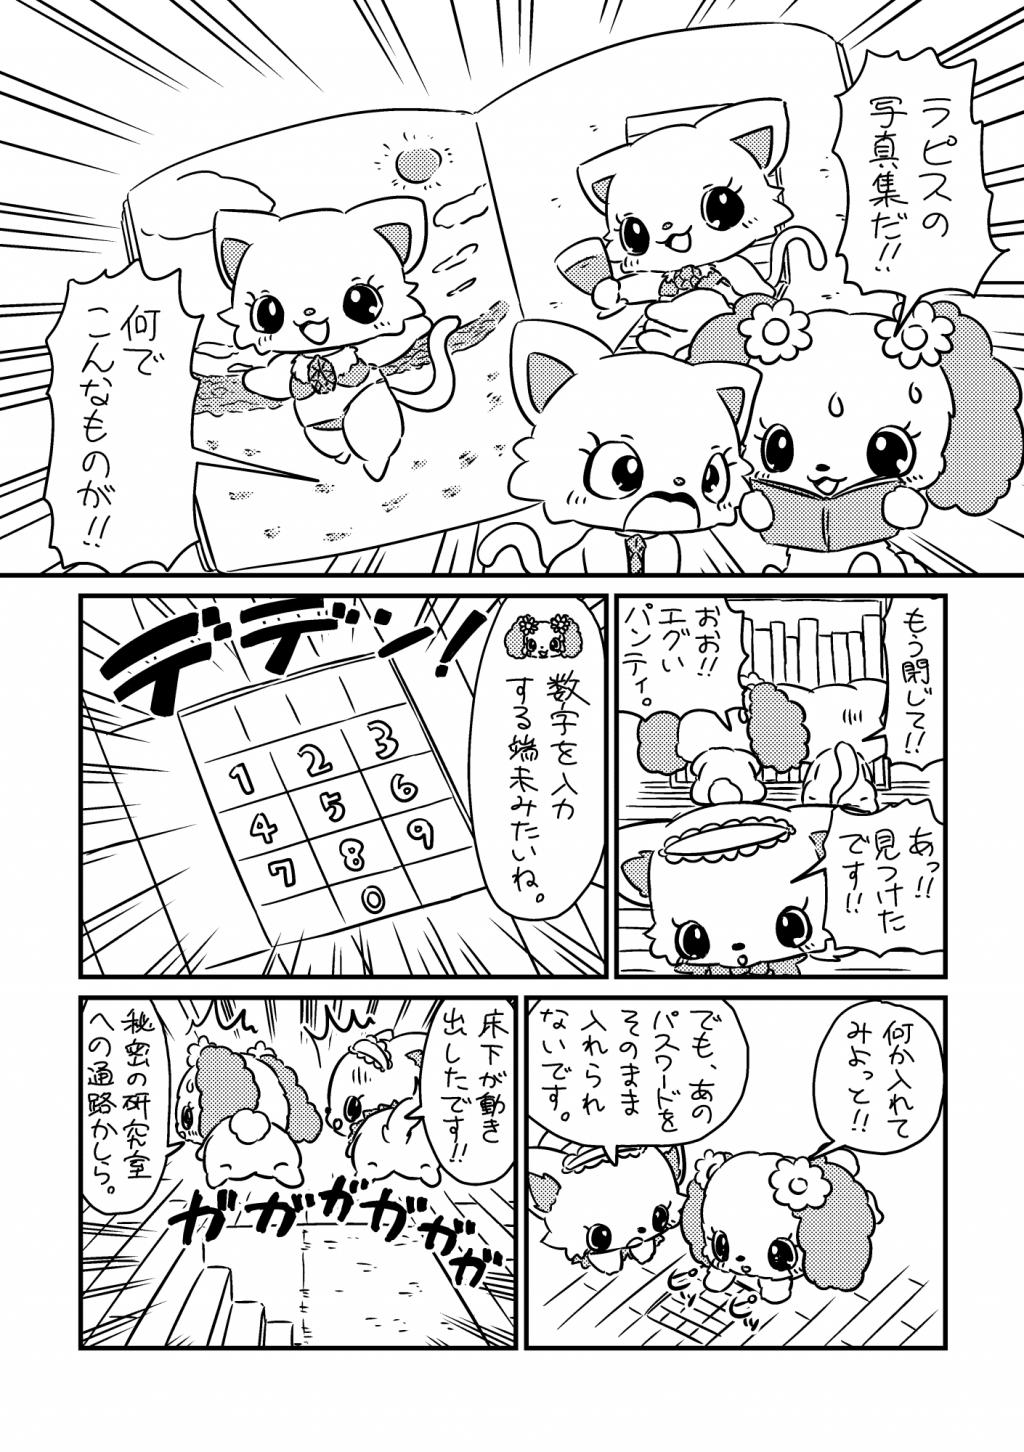 プレーズ ひみつのけんきゅうしつにせんにゅう! (2ページ)